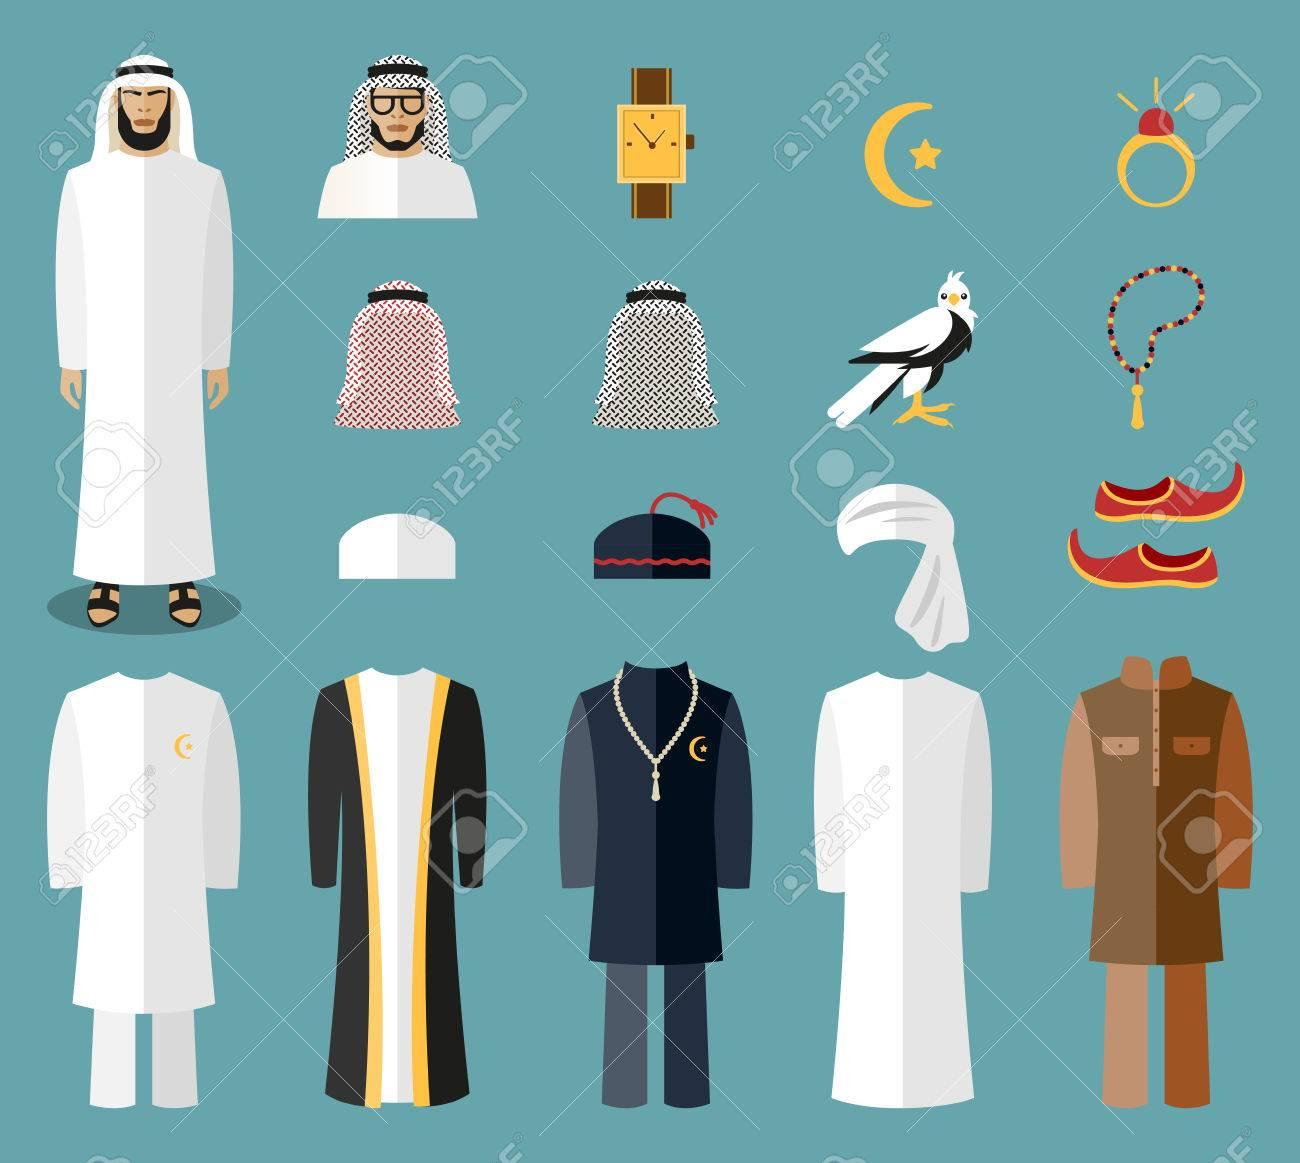 教 布 イスラム